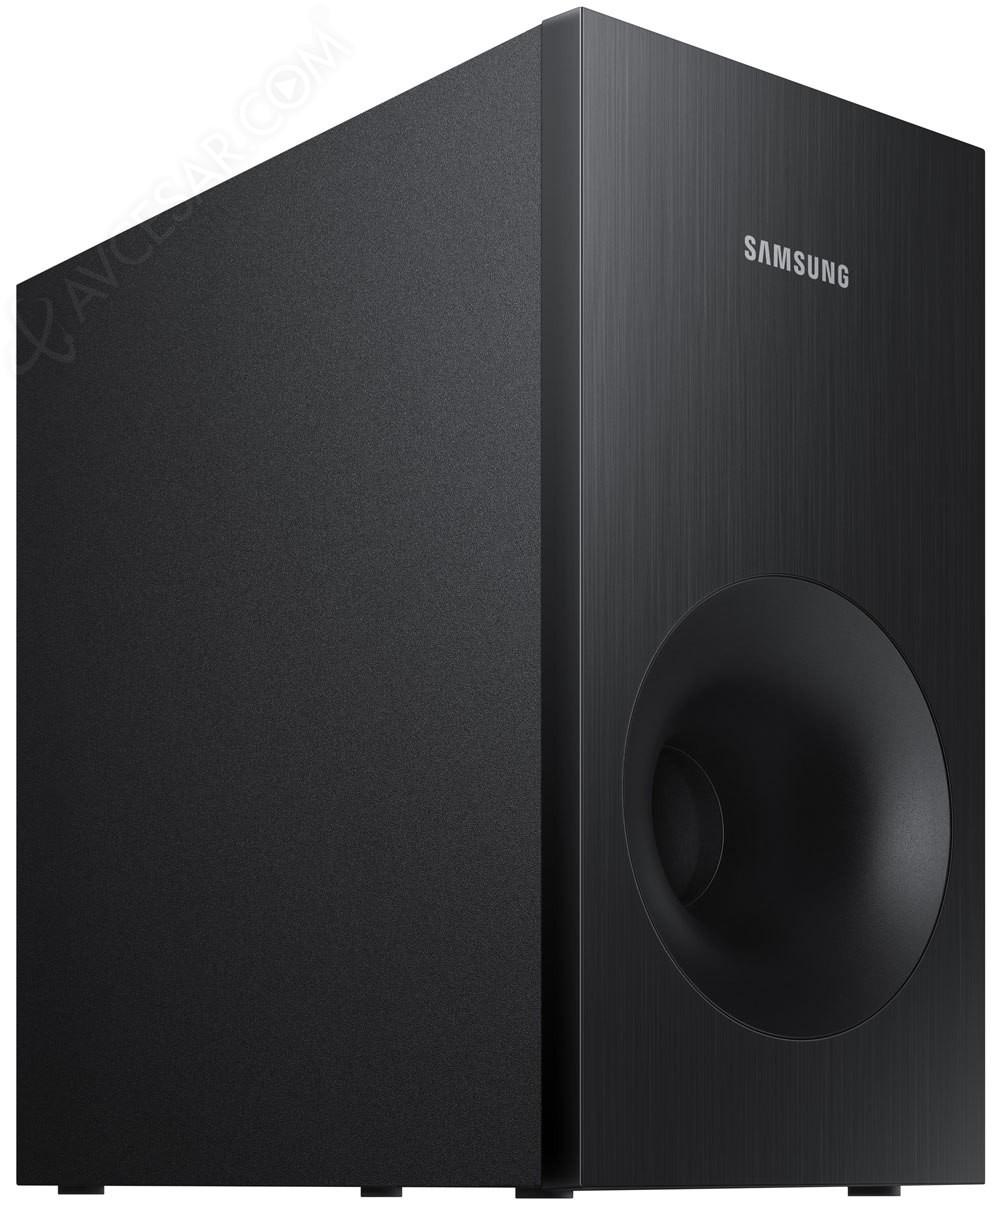 Foto samsung ht j4550 - Samsung Ht J4550 Cha Ne Blu Ray 3d 5 1 Bis